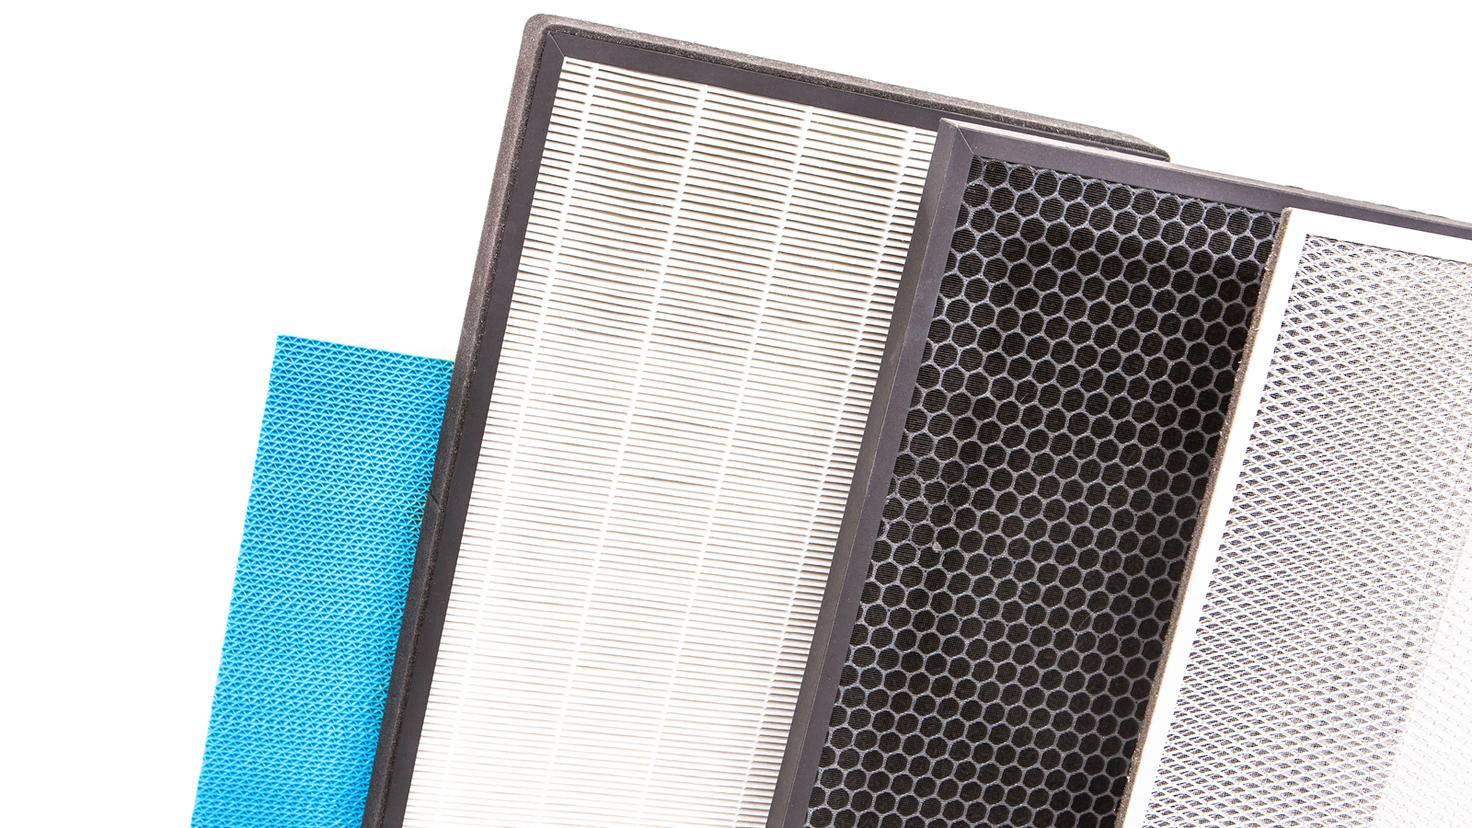 Purificateur d'air-Filtre-Préfiltre à charbon actif Hepa-Grispb-AdobeStock_250936696